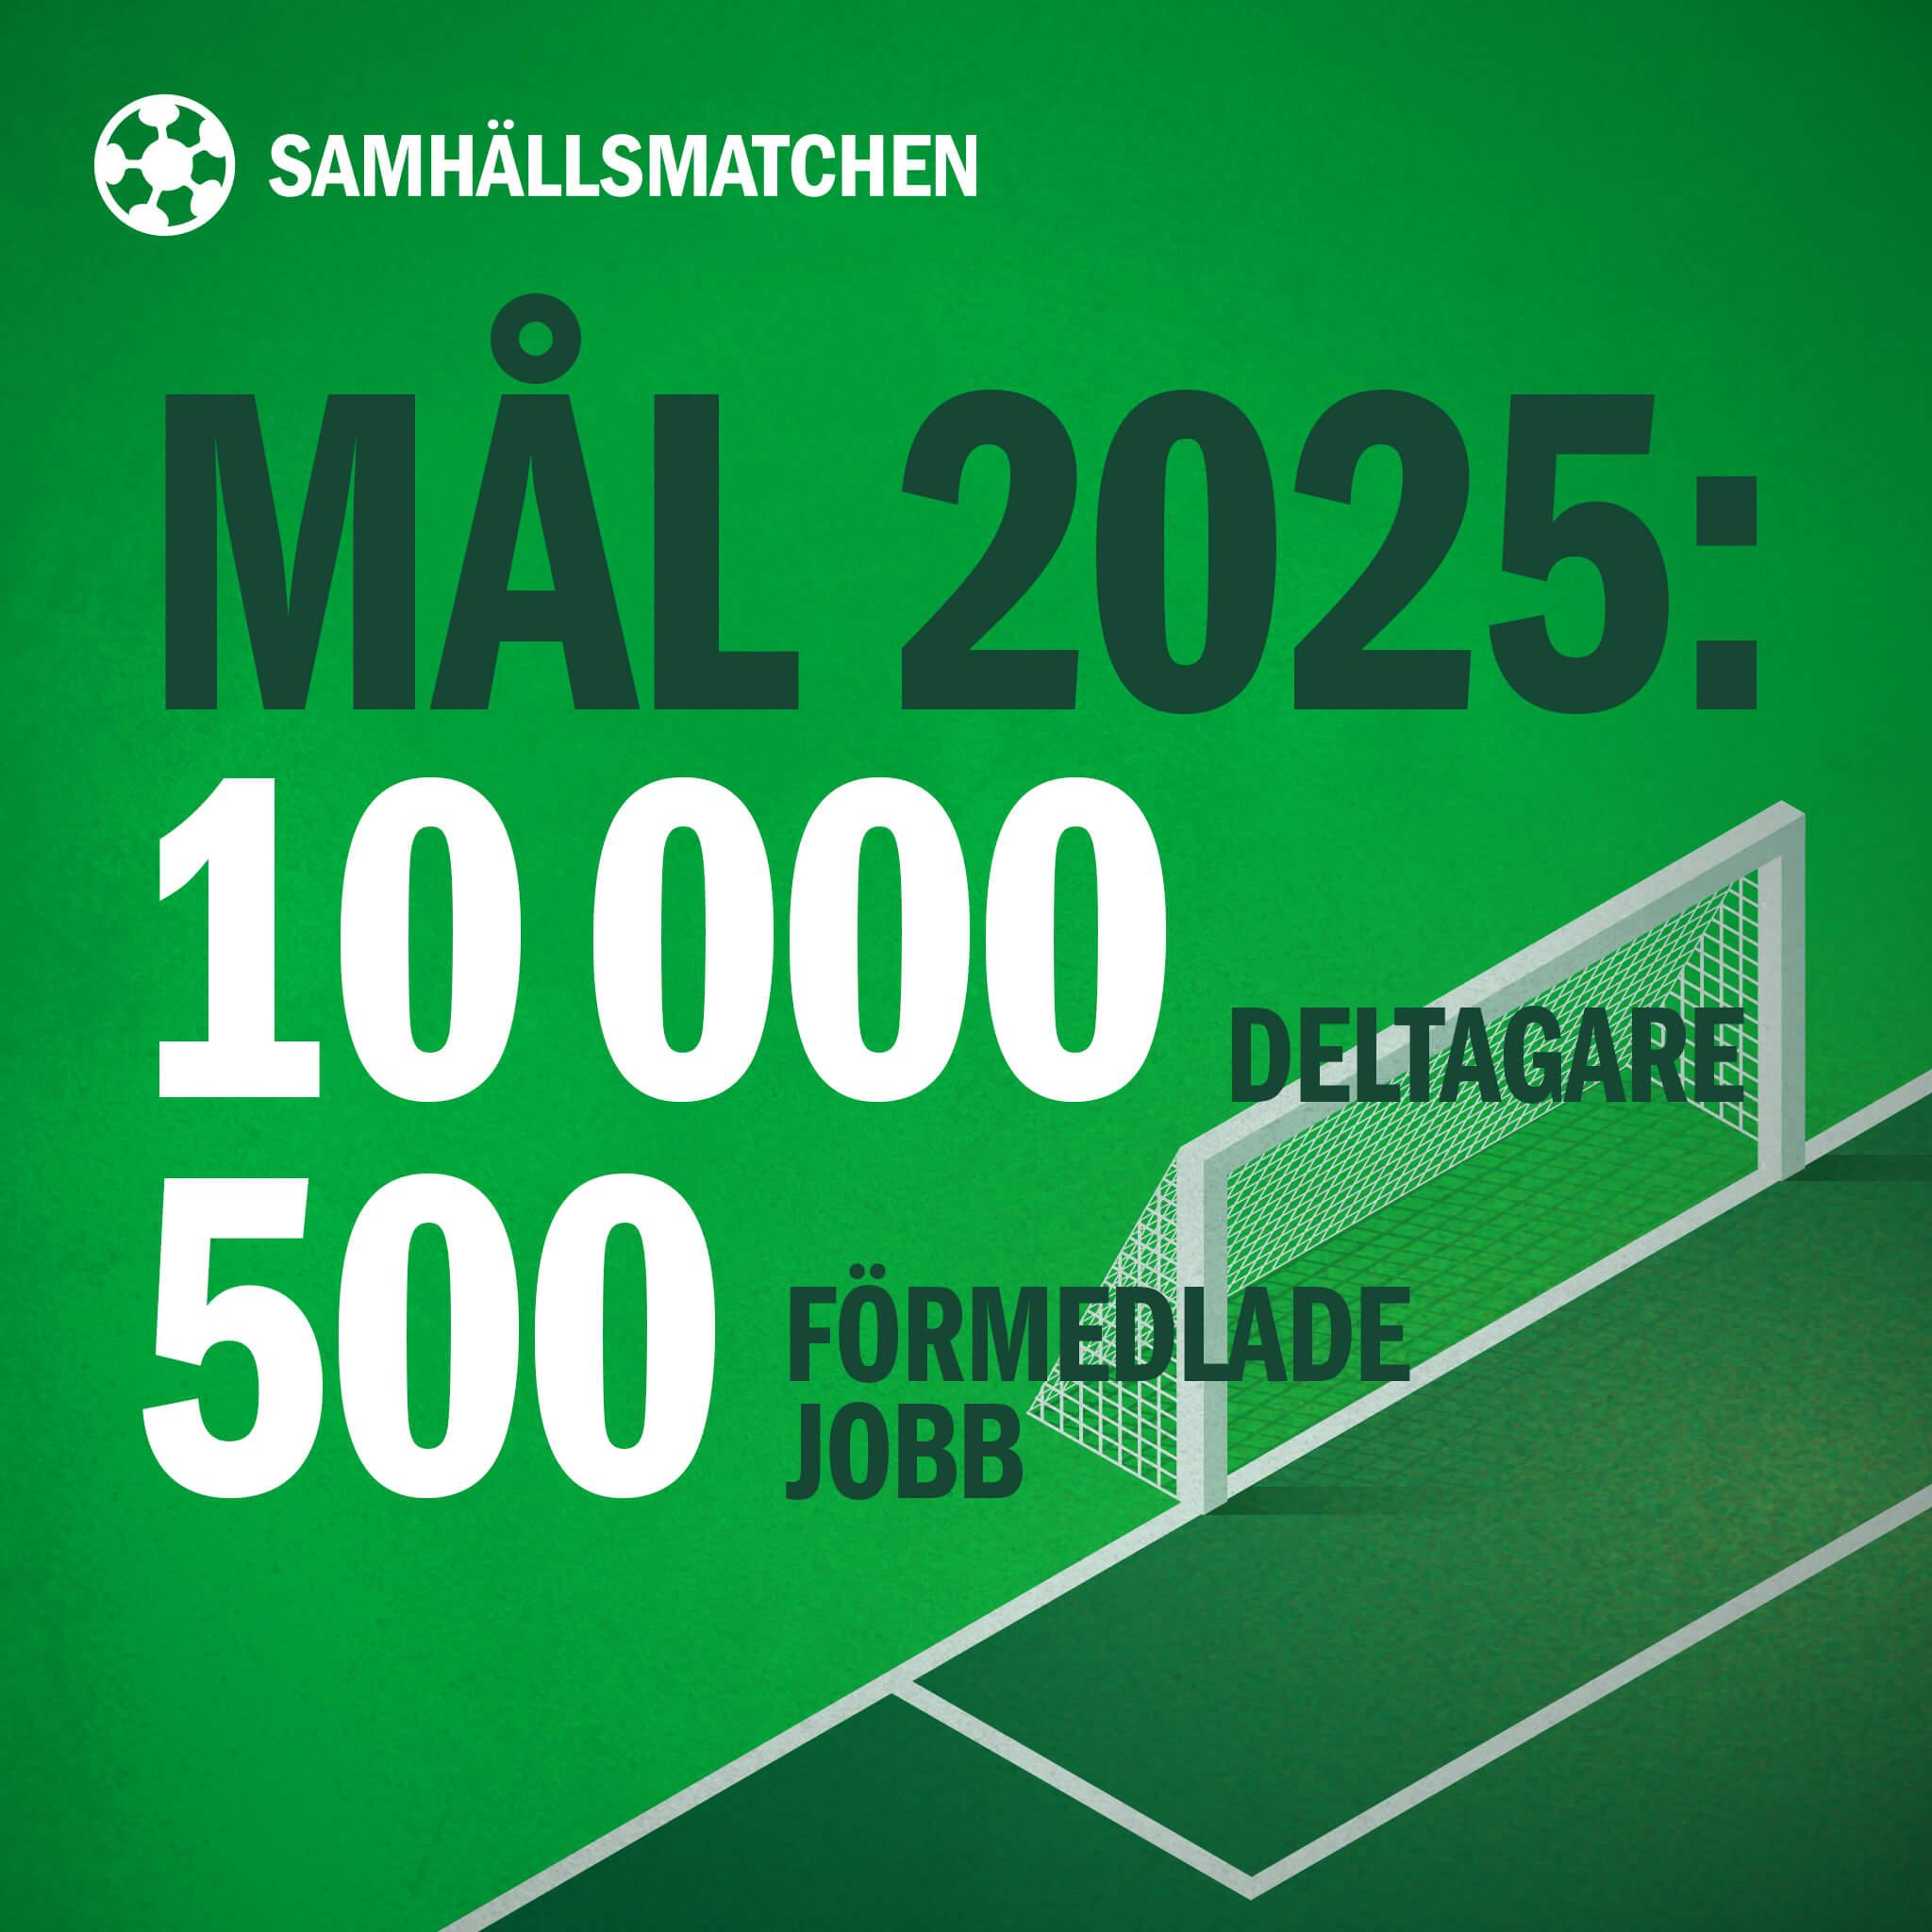 Samhällsmatchens mål för 2025: 10 000 deltagare, 500 anställningar